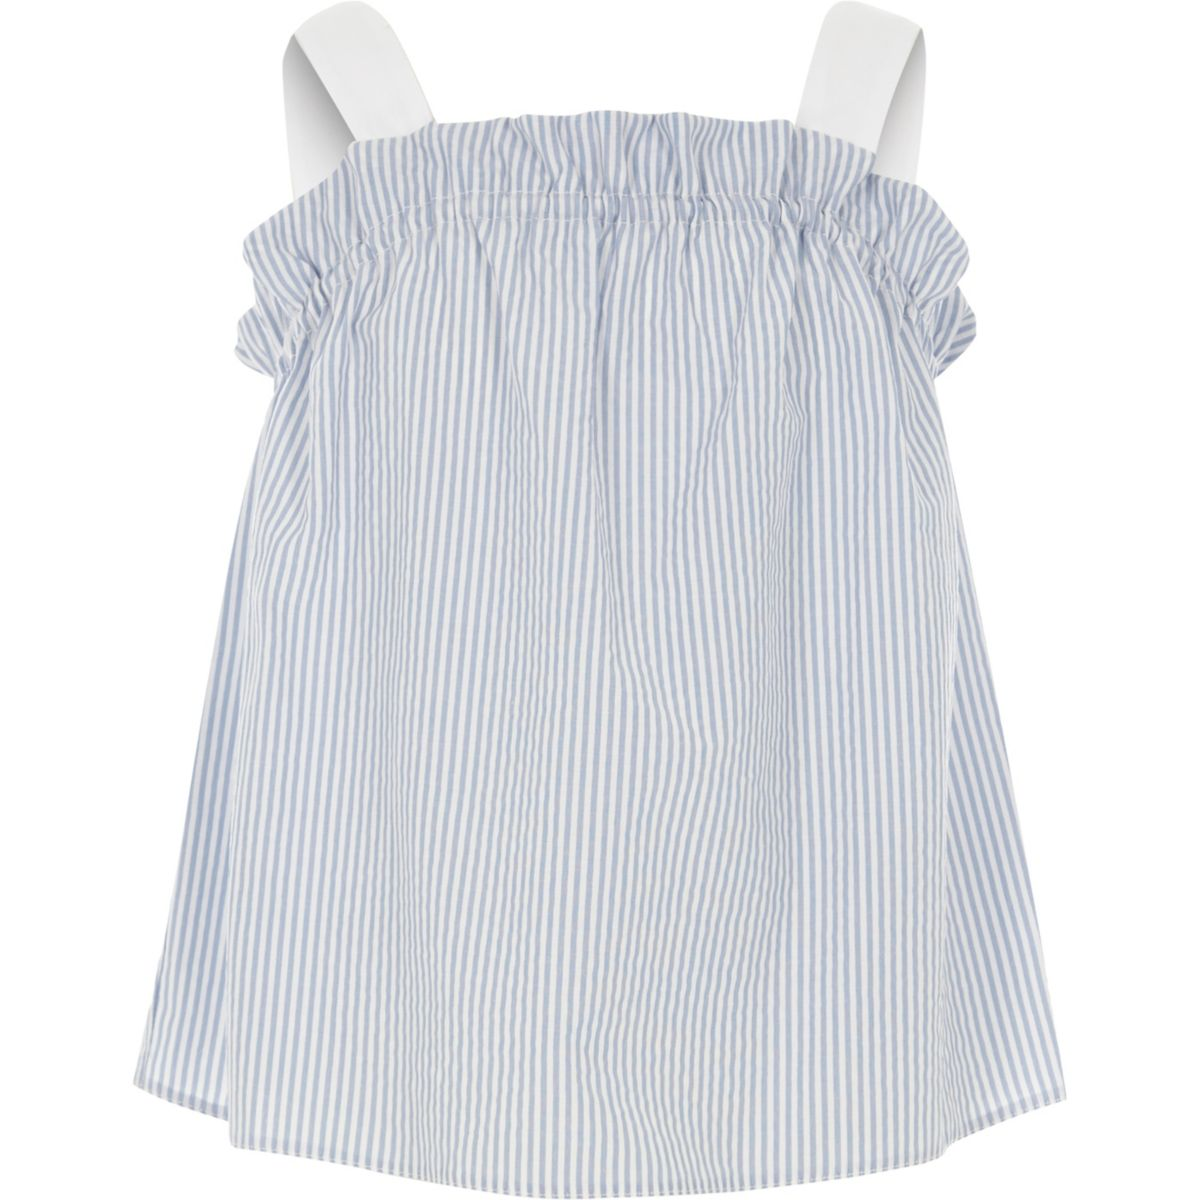 Girls blue stripe frill cami top